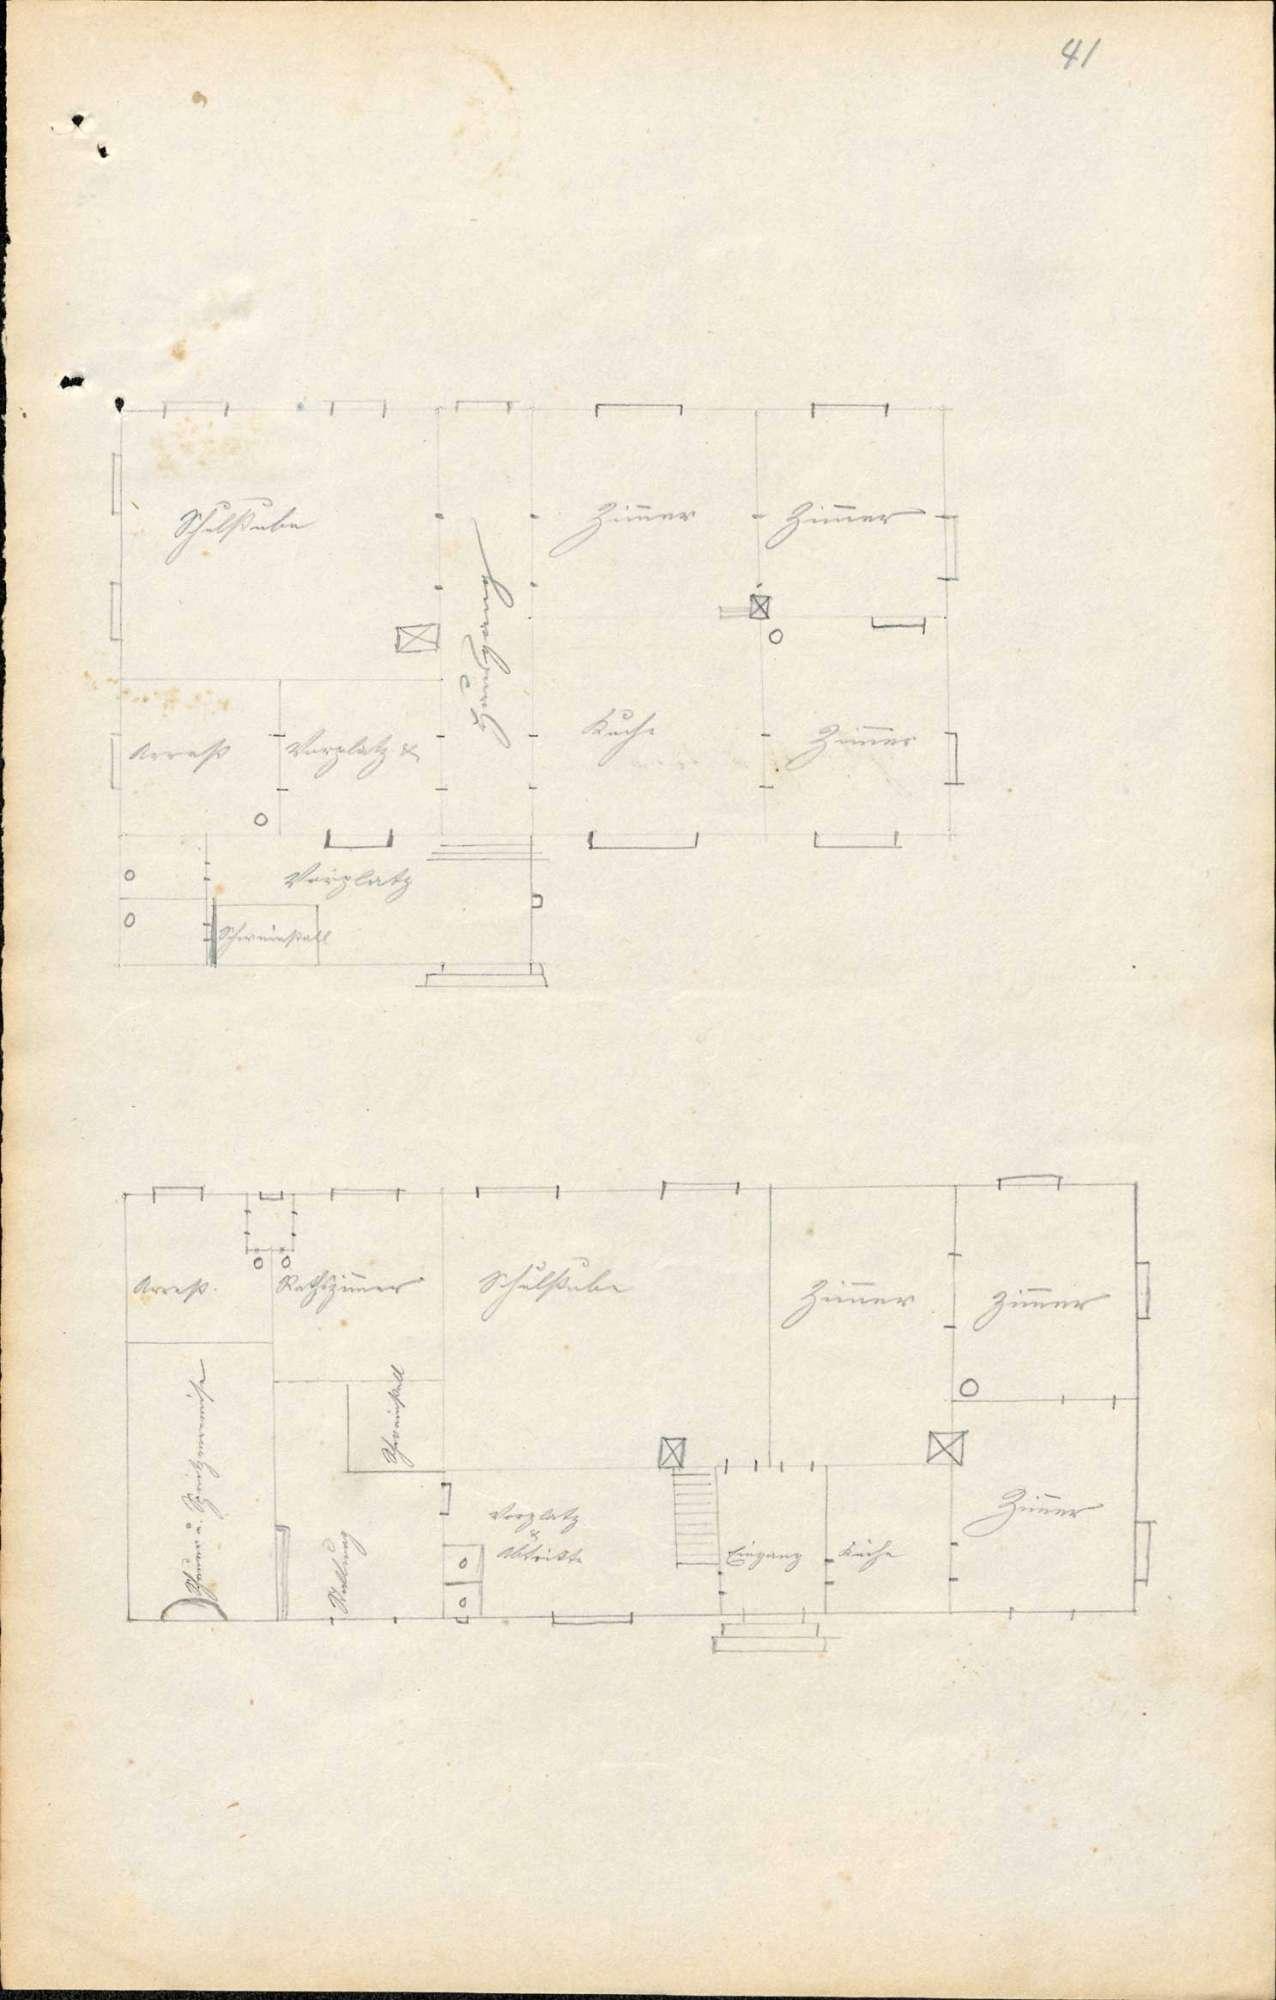 Bau und Unterhaltung des Schulhauses in Rickenbach sowie Herstellung von Ökonomiegebäuden beim Schulhaus, Bild 1